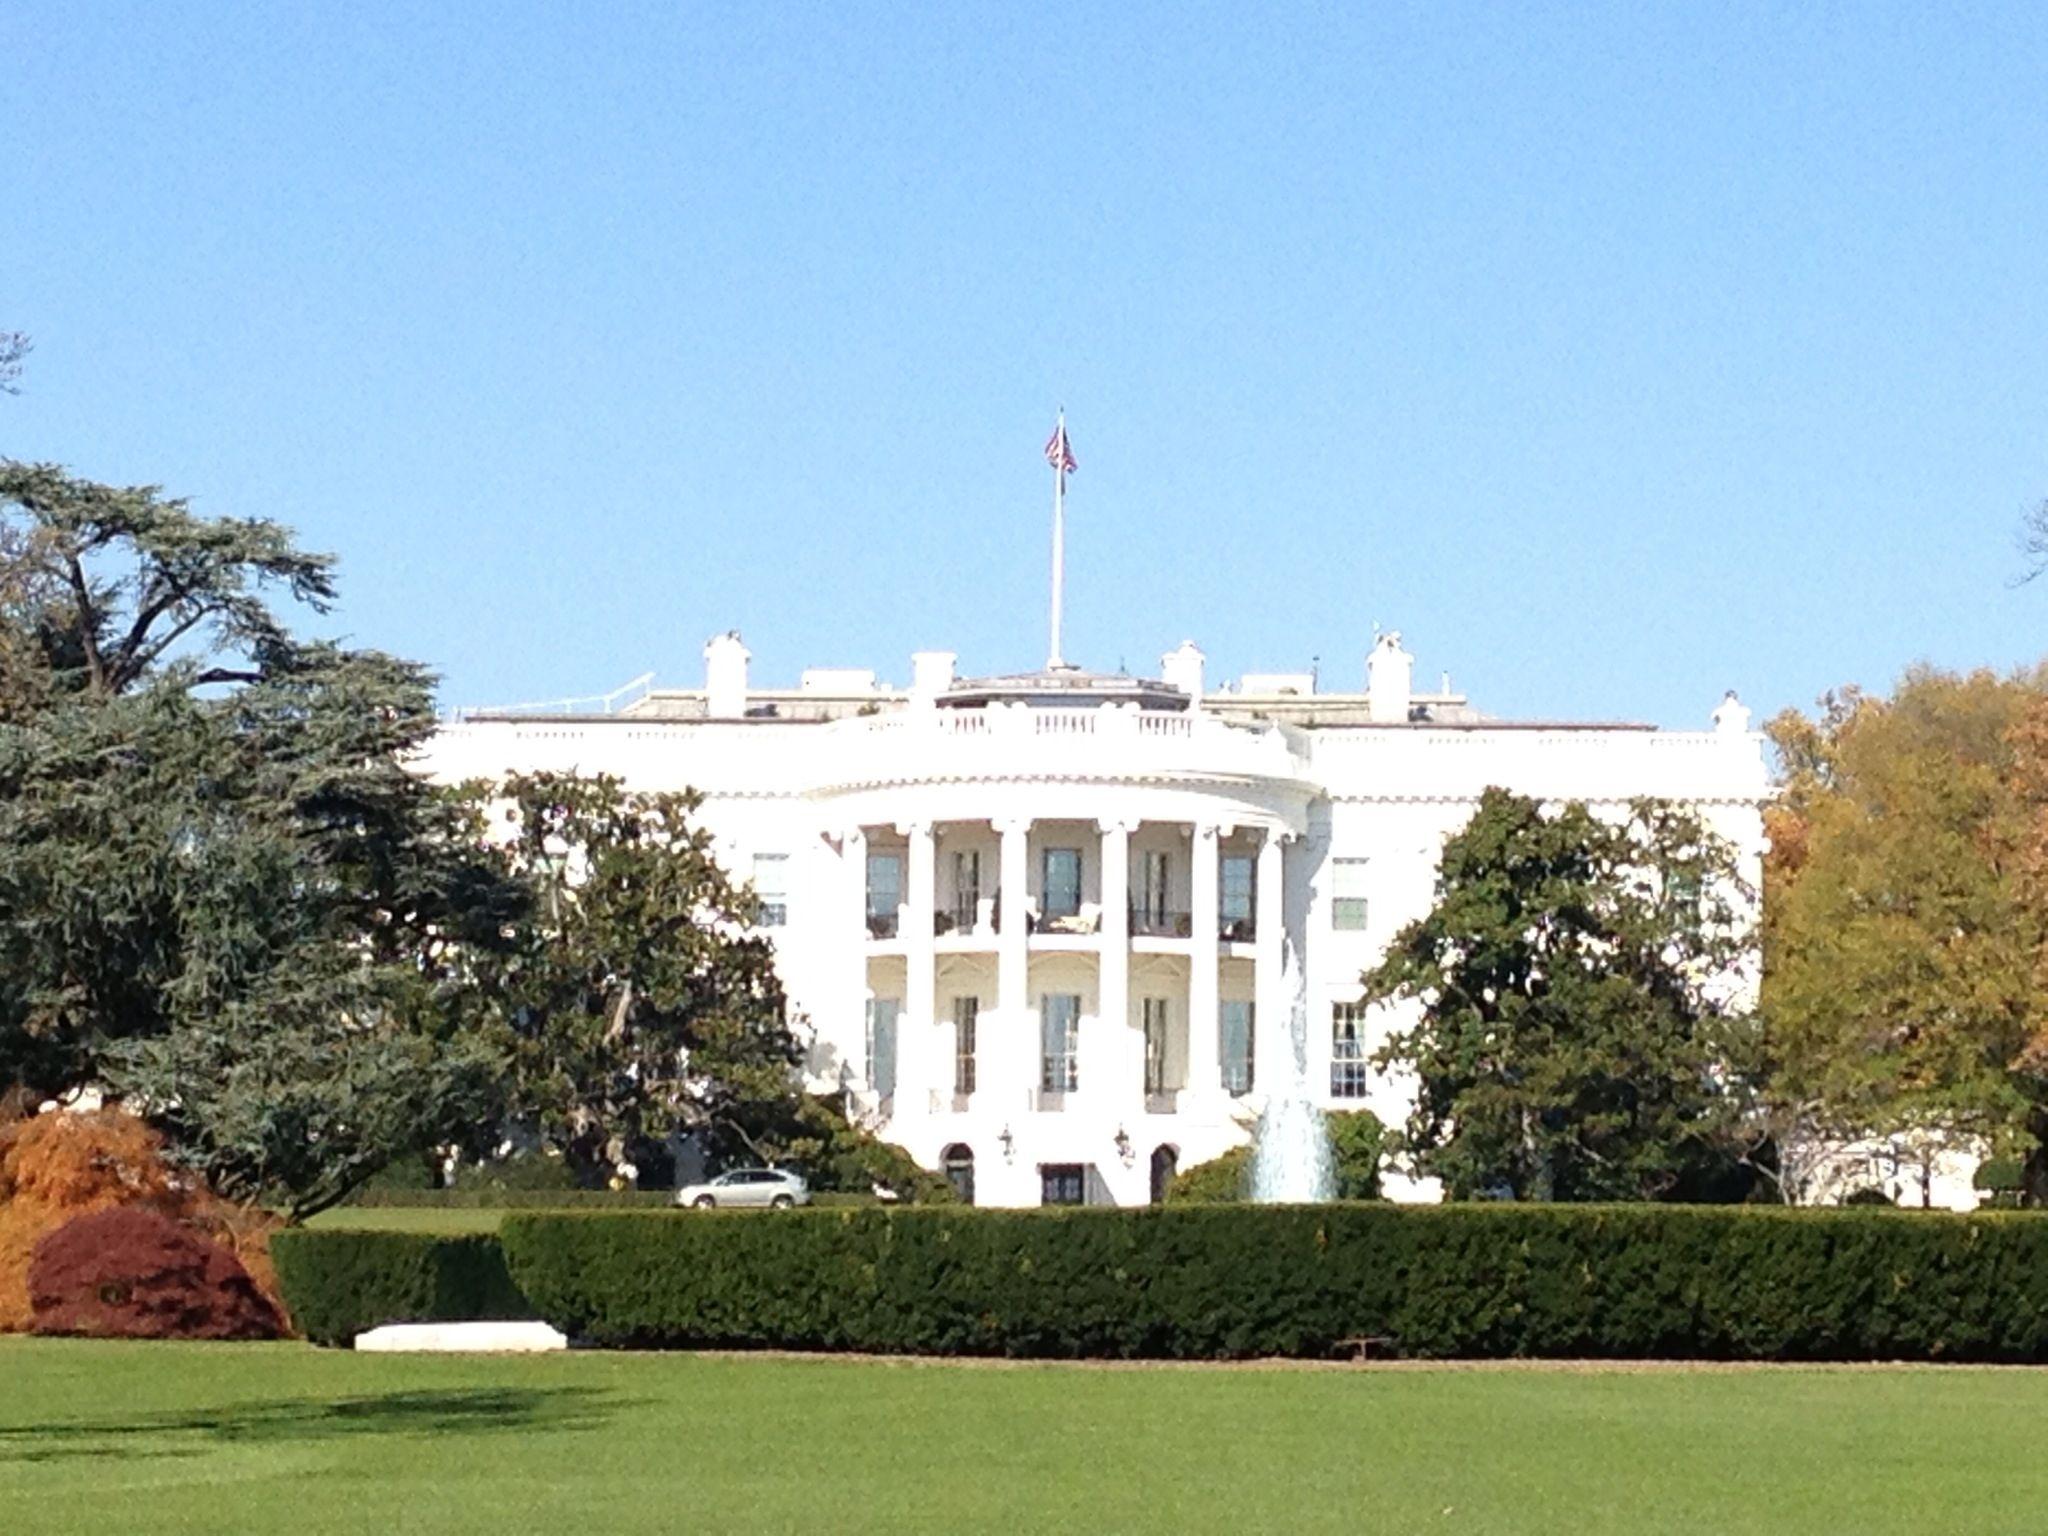 White House in Washington DC | Amazing places I went & I want to go ...: pinterest.com/pin/329607266447840512